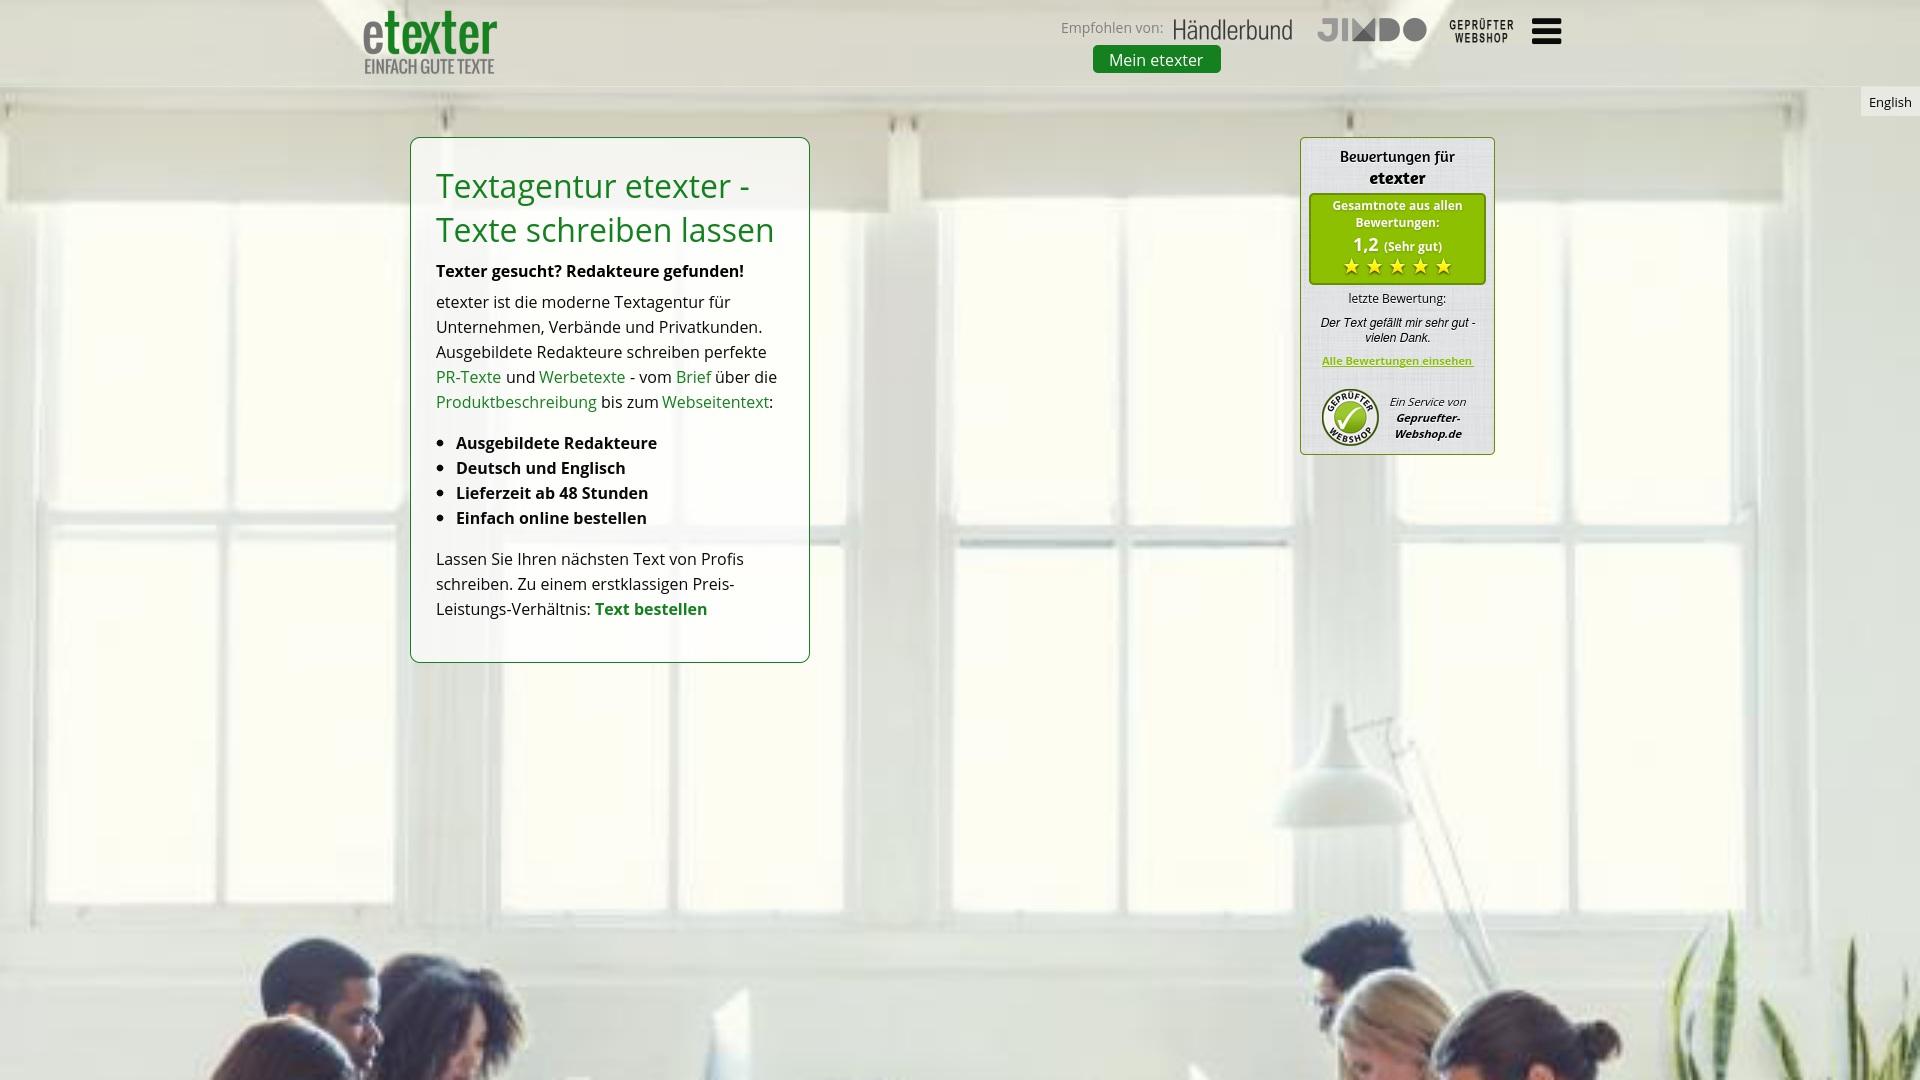 Gutschein für Etexter: Rabatte für  Etexter sichern